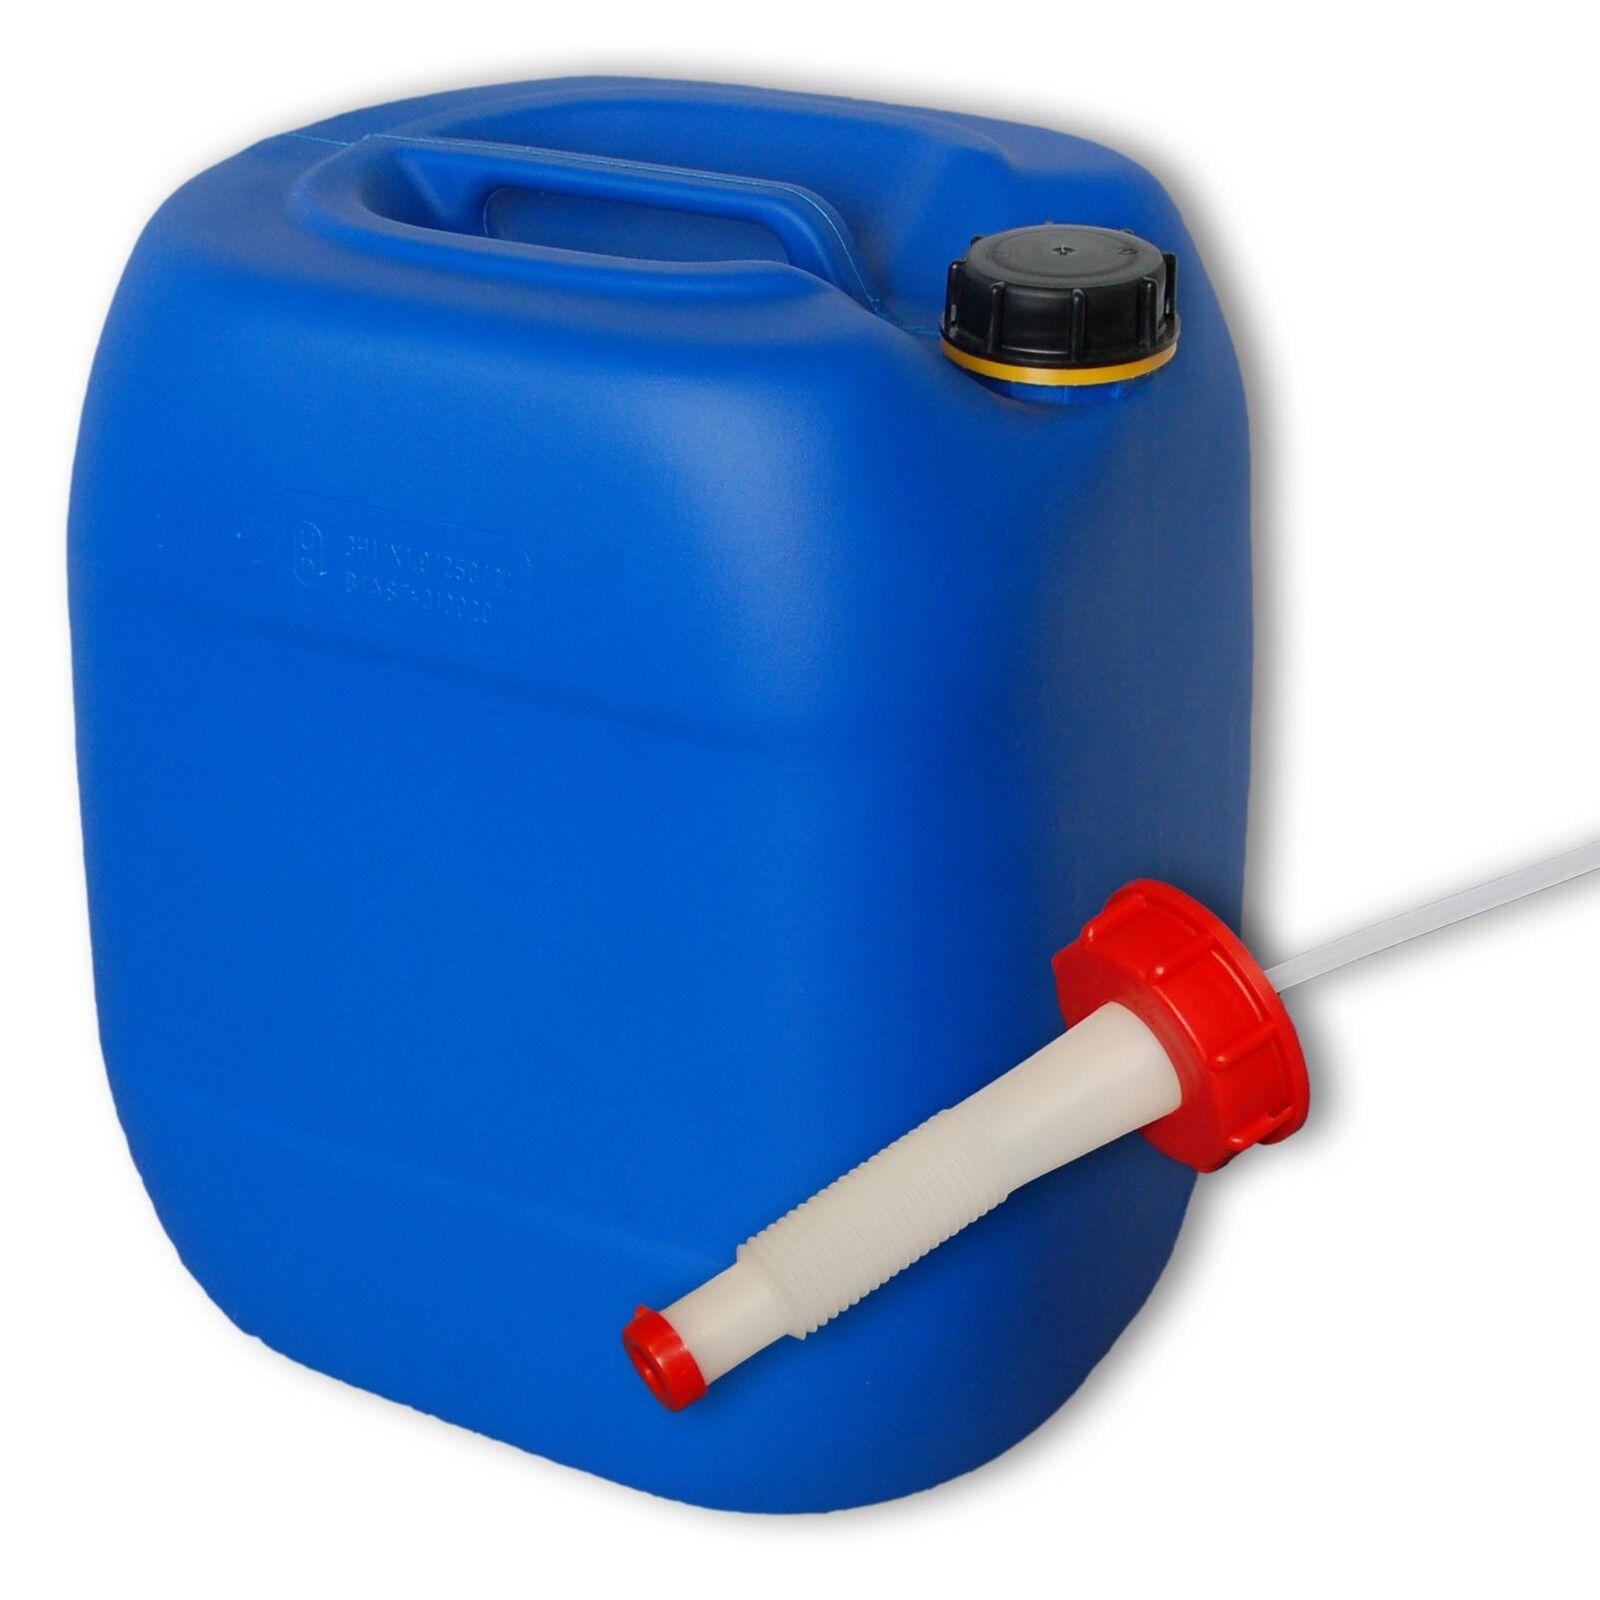 Bidon plastique 30 L blue DIN 61+1 Bec verseur flexible Alimentaire (22027+020)